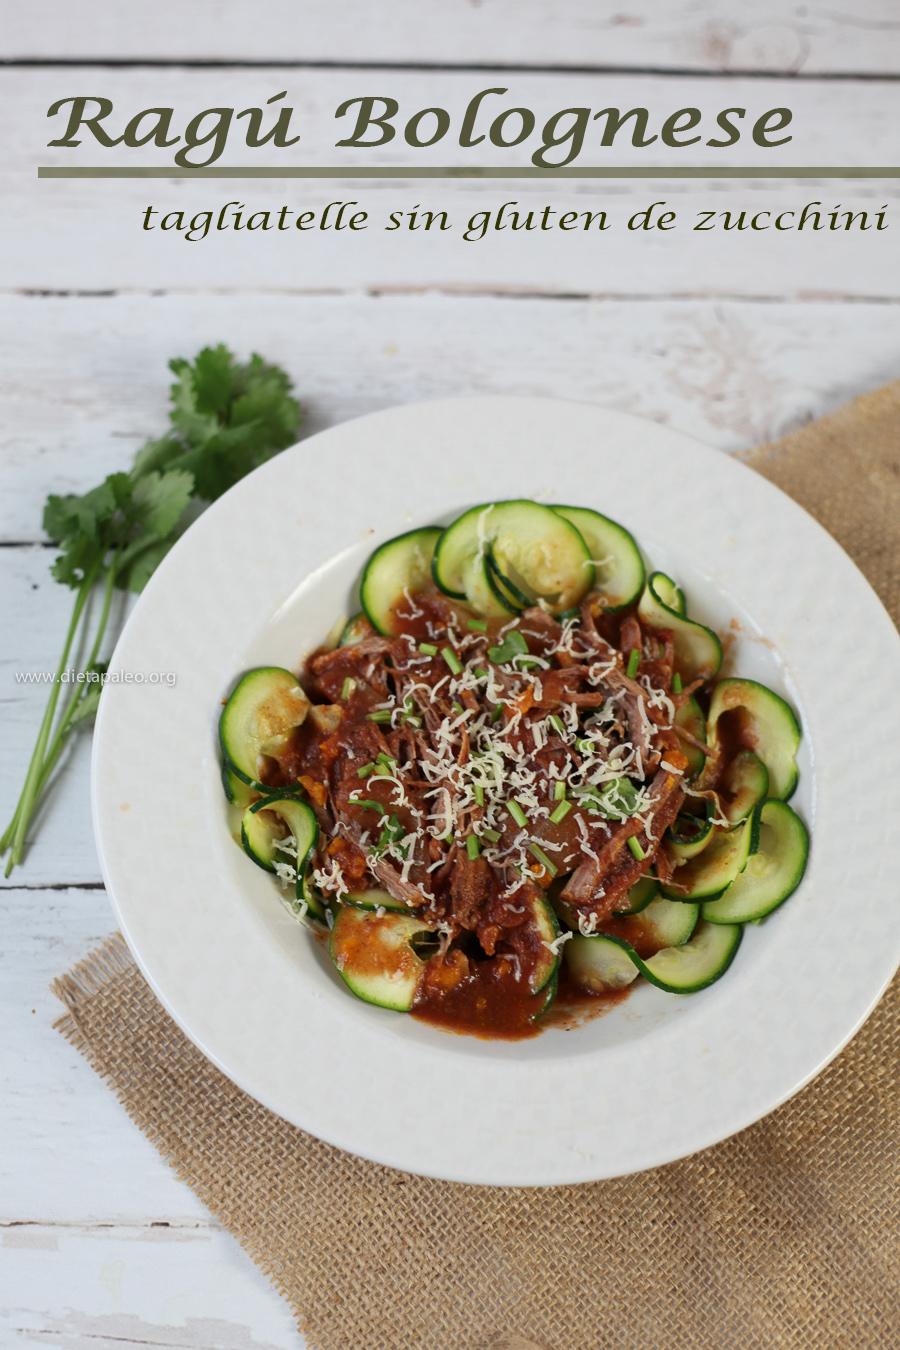 ragu-zucchini-tagliatelle